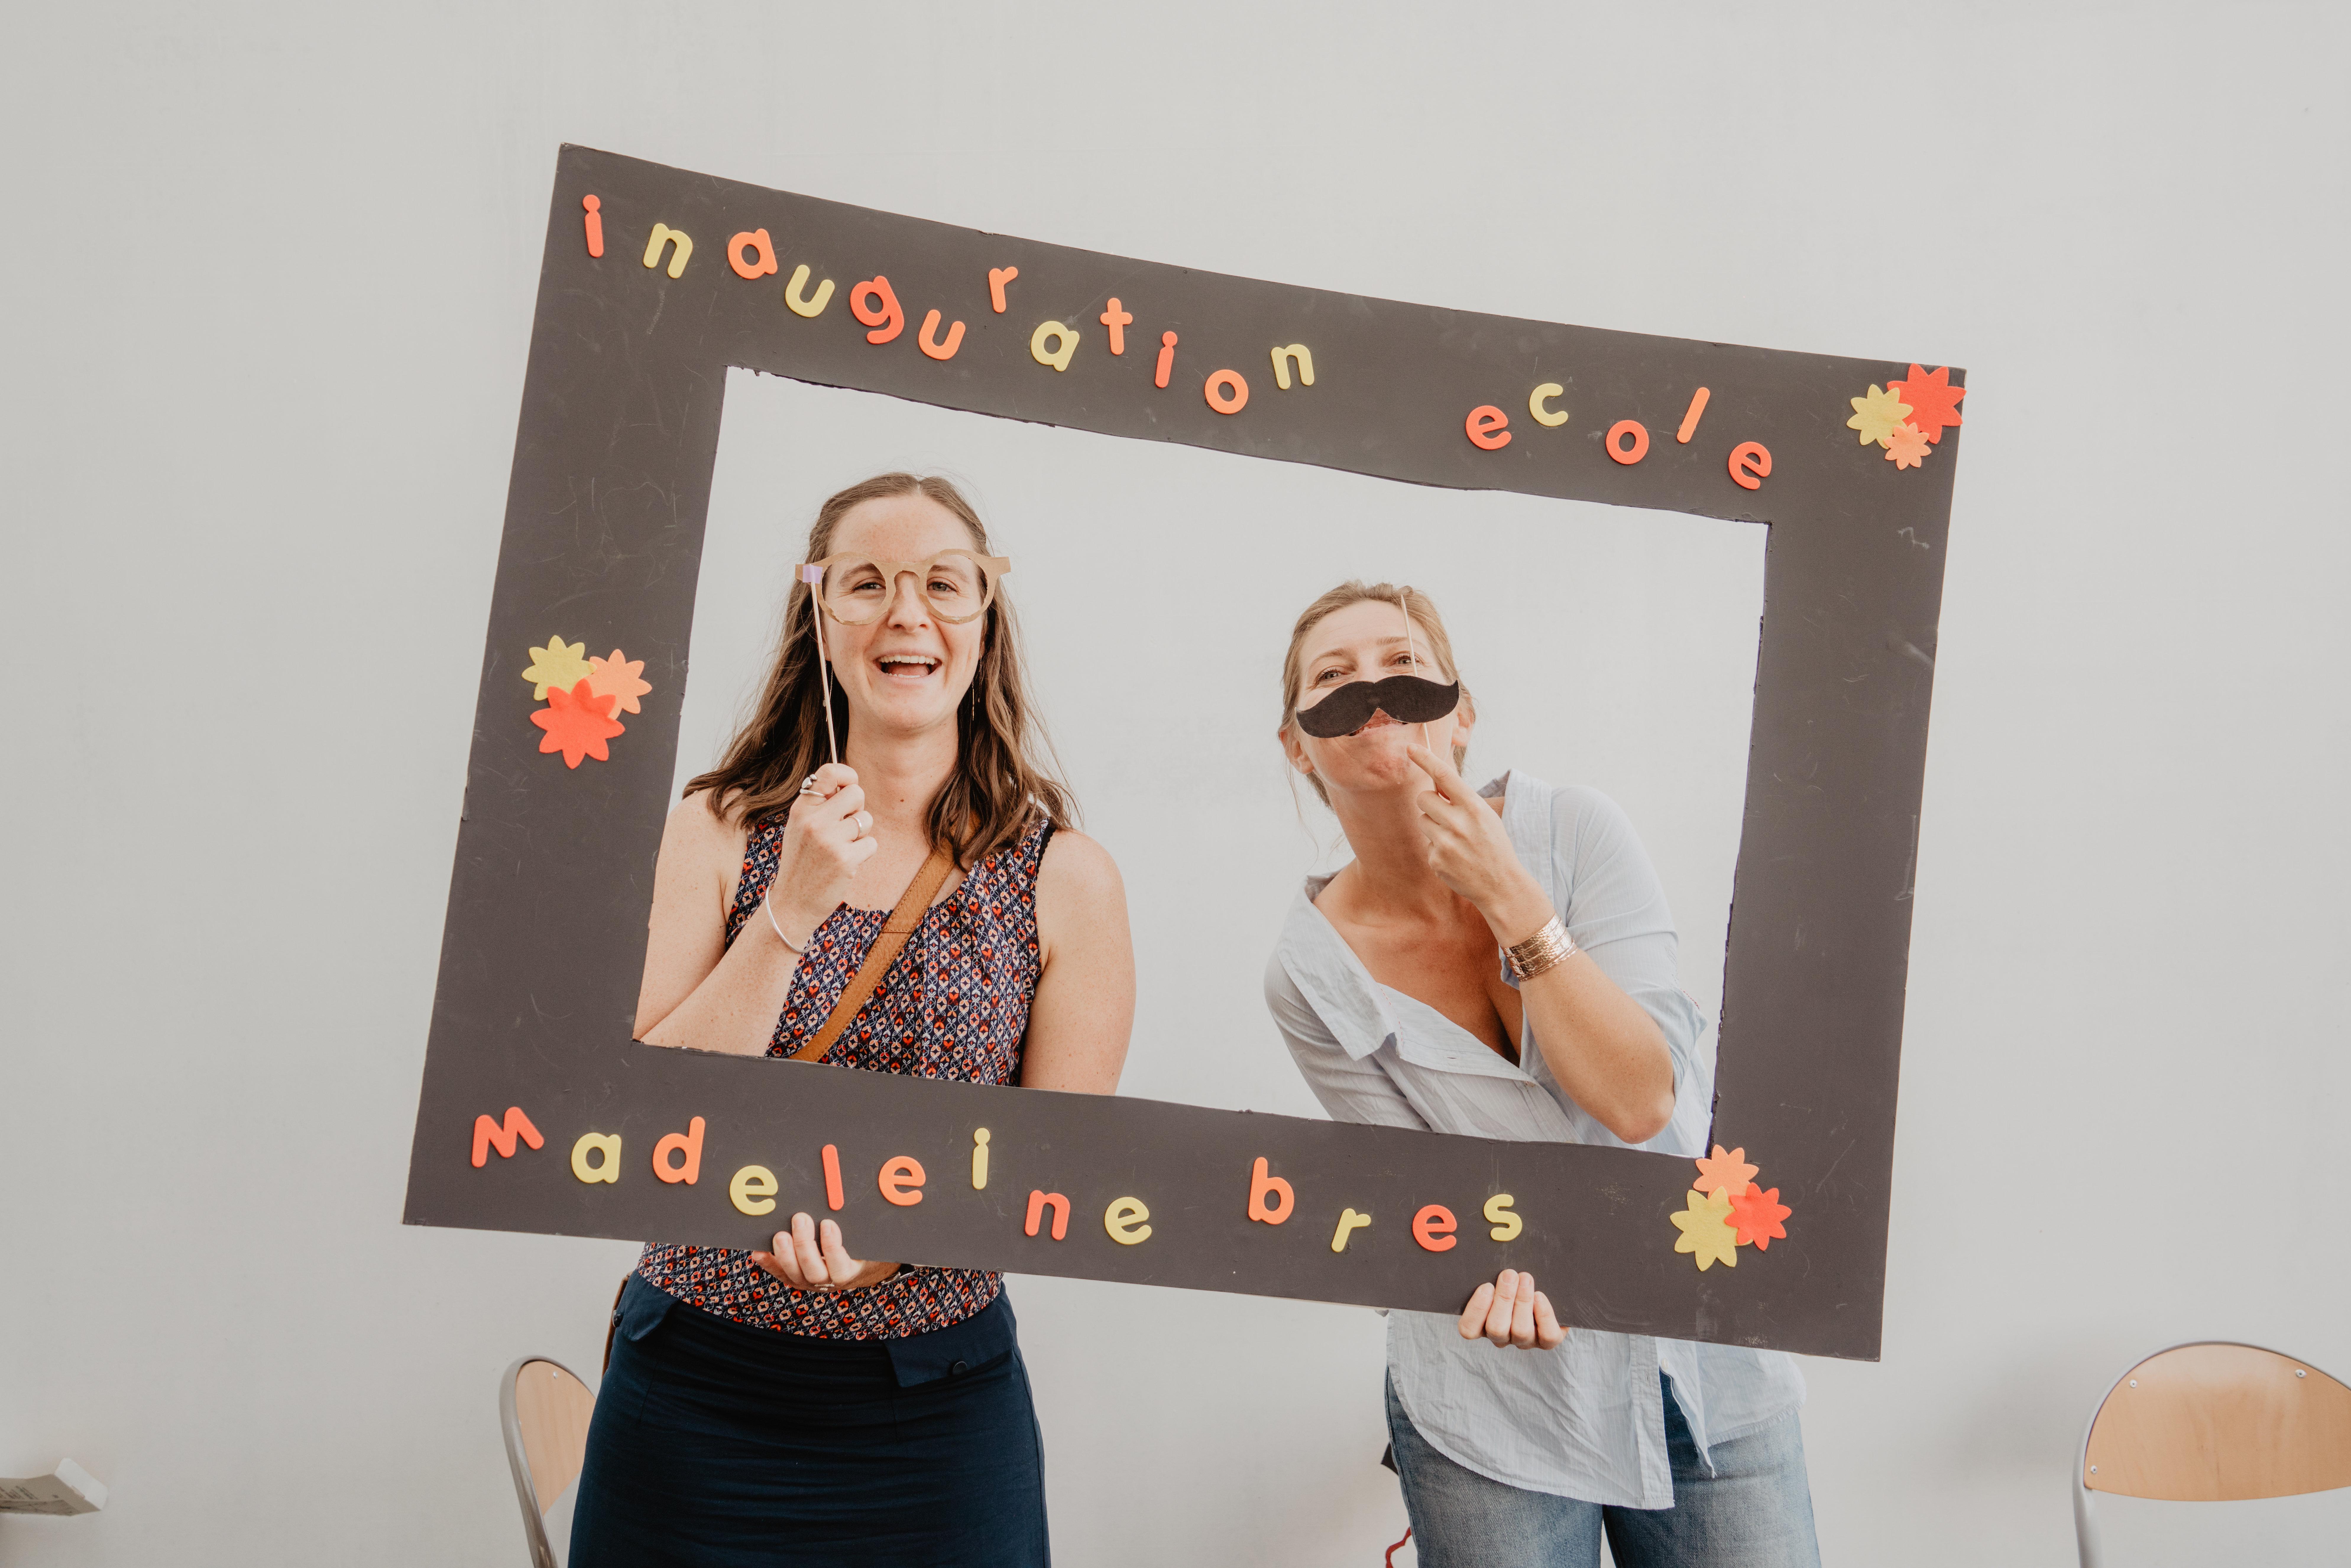 Inauguration Ecole Madeleine Brès